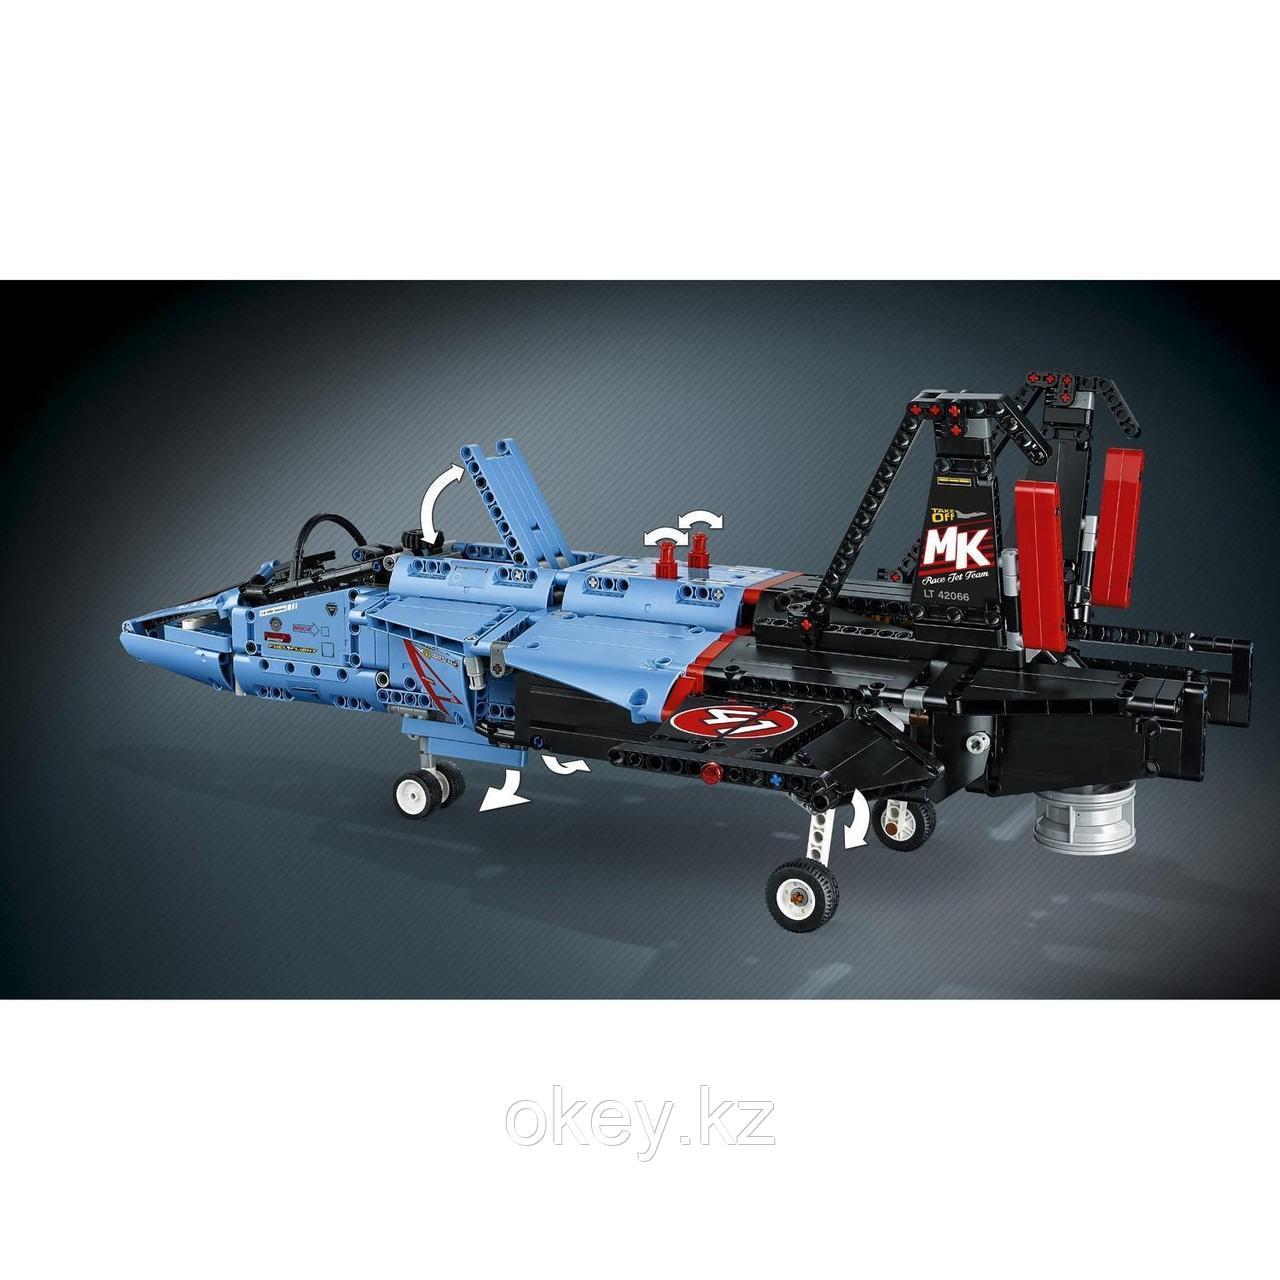 LEGO Technic: Сверхзвуковой истребитель 42066 - фото 10